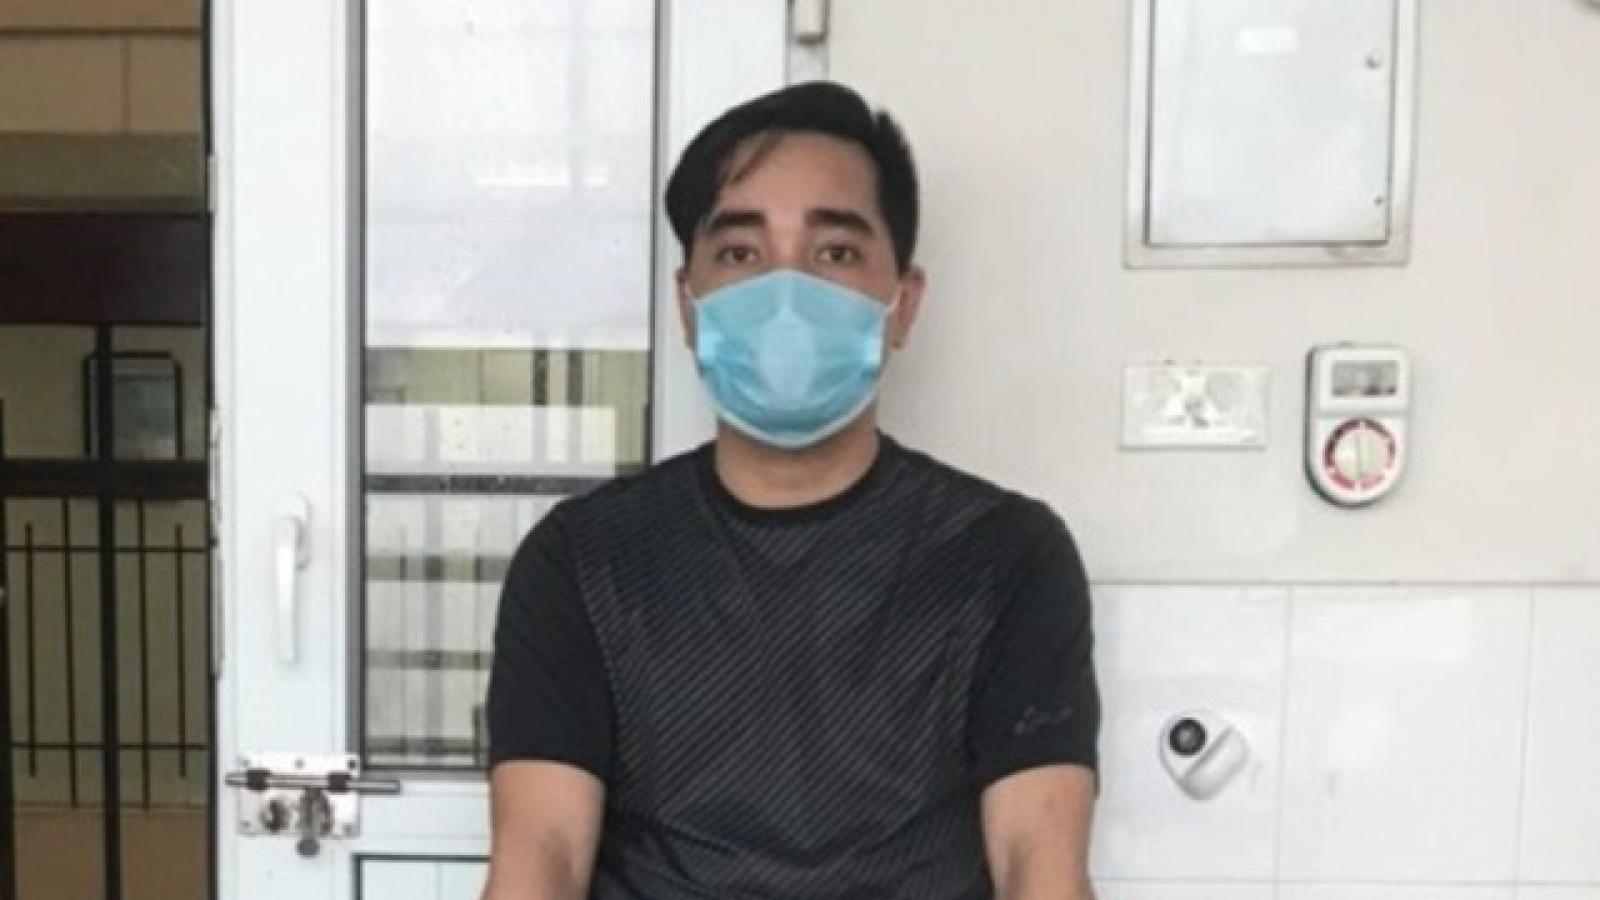 Nóng 24h: Thêm một vụ án bị khởi tố vì làm lây lan dịch Covid-19